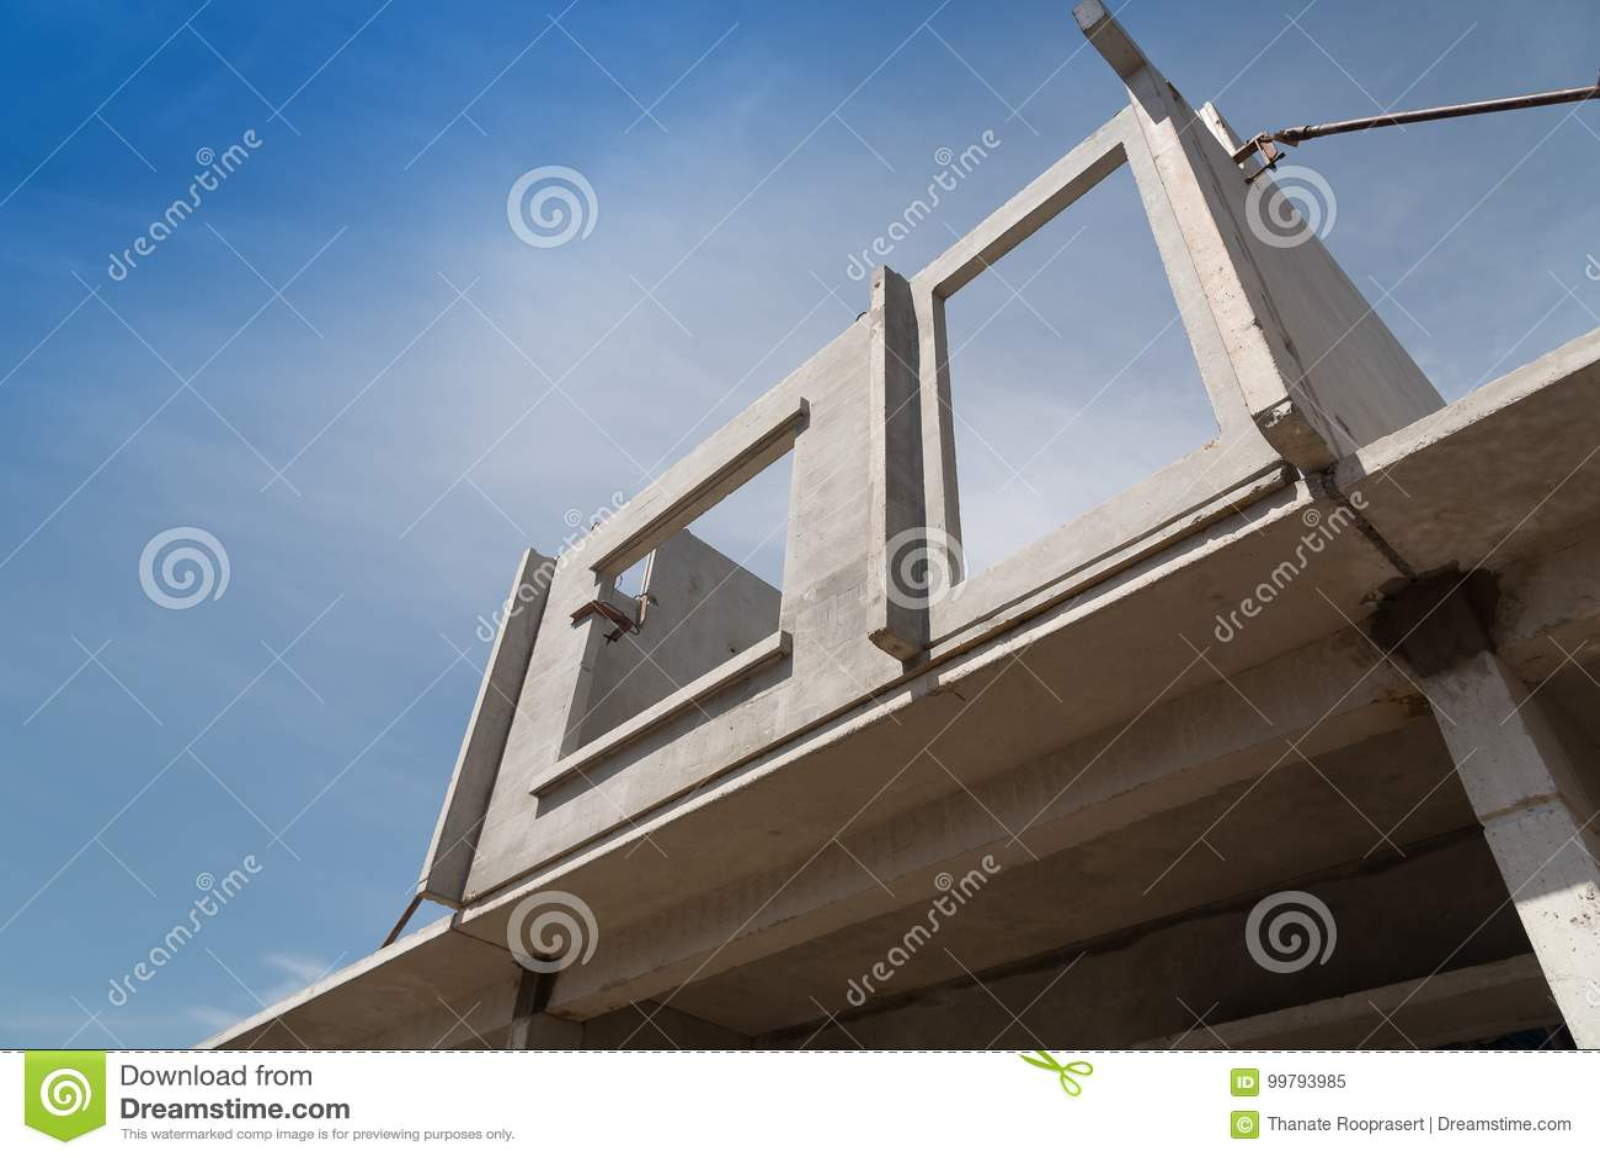 Processo de instalação de painéis de parede pré-fabricados